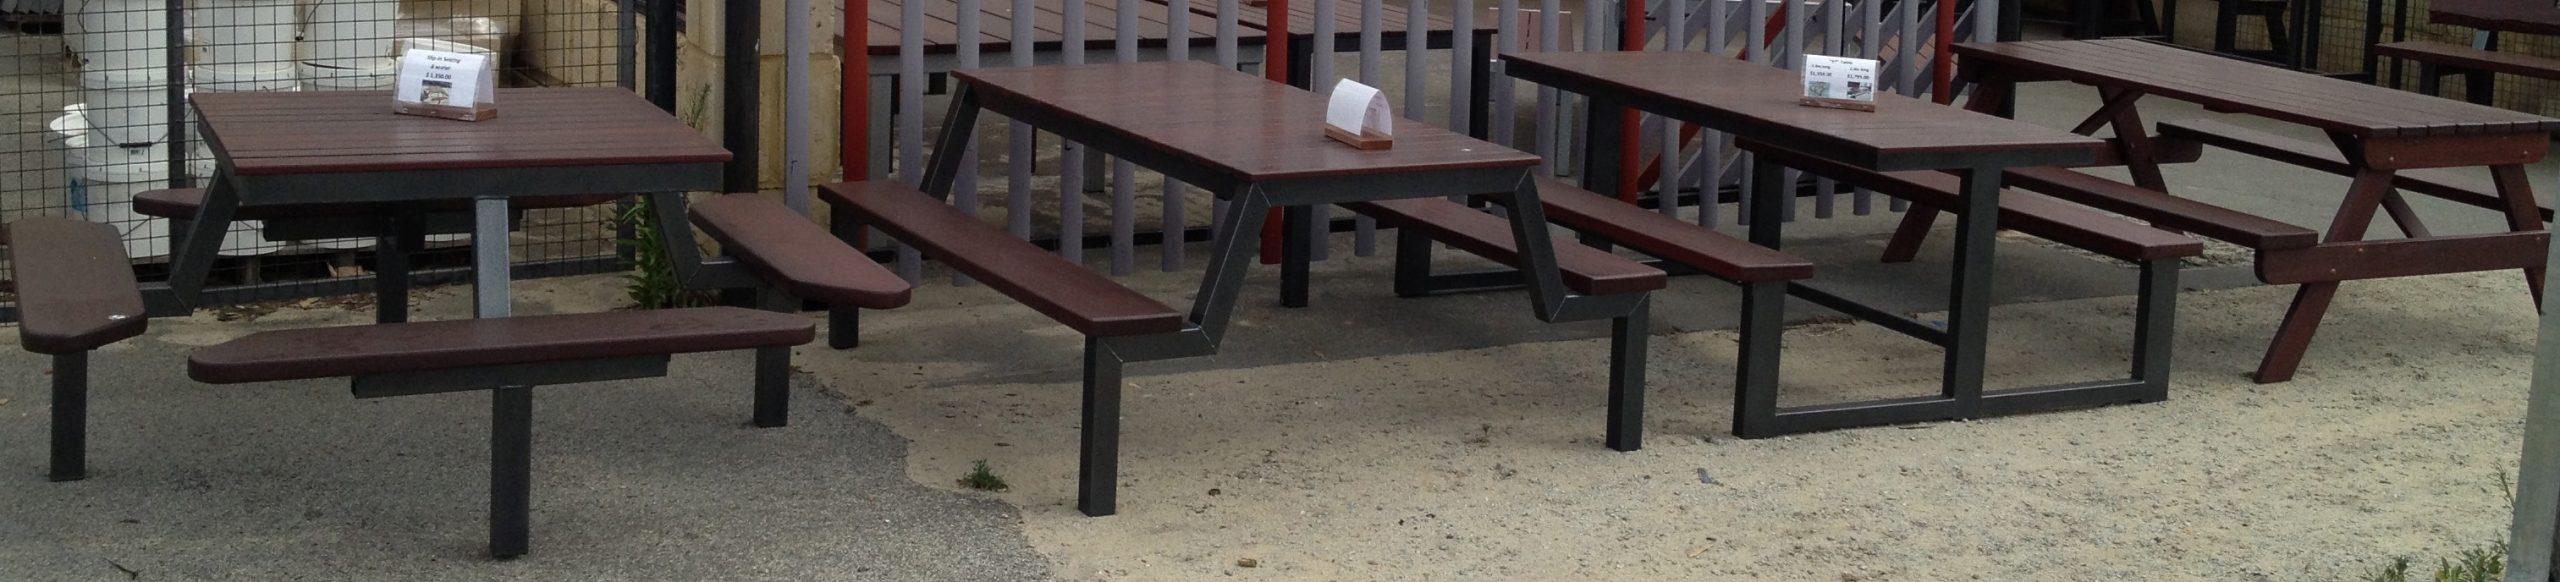 TimberSteel Furniture outdoor tables